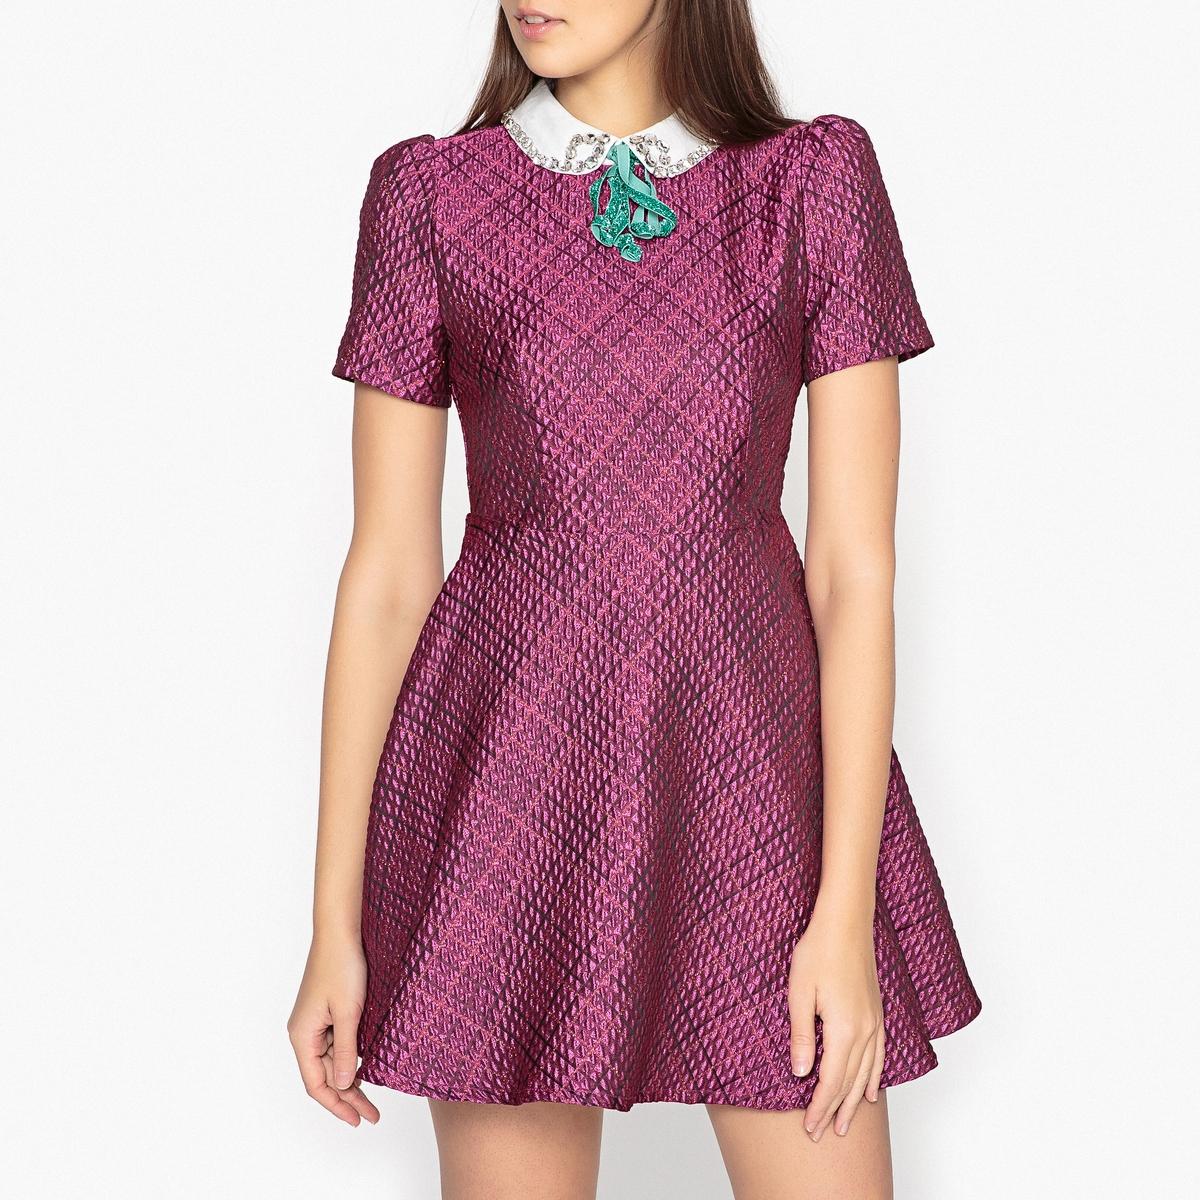 Платье укороченное расклешённое с короткими рукавамиОписание:платье с короткими рукавами SISTER JANE. Шов на талии, контрастный воротник со стразами и завязками с пайетками.Детали •  Форма : расклешенная •  Укороченная модель •  Короткие рукава    •  Воротник-поло, рубашечныйСостав и уход •  5% эластана, 95% полиэстера  •  Подкладка : 100% вискоза •  Следуйте советам по уходу, указанным на этикетке •  Сборки на плечах •  Шов на талии с выточкой •  Длина ок.82 см. для размера S<br><br>Цвет: розовый<br>Размер: S